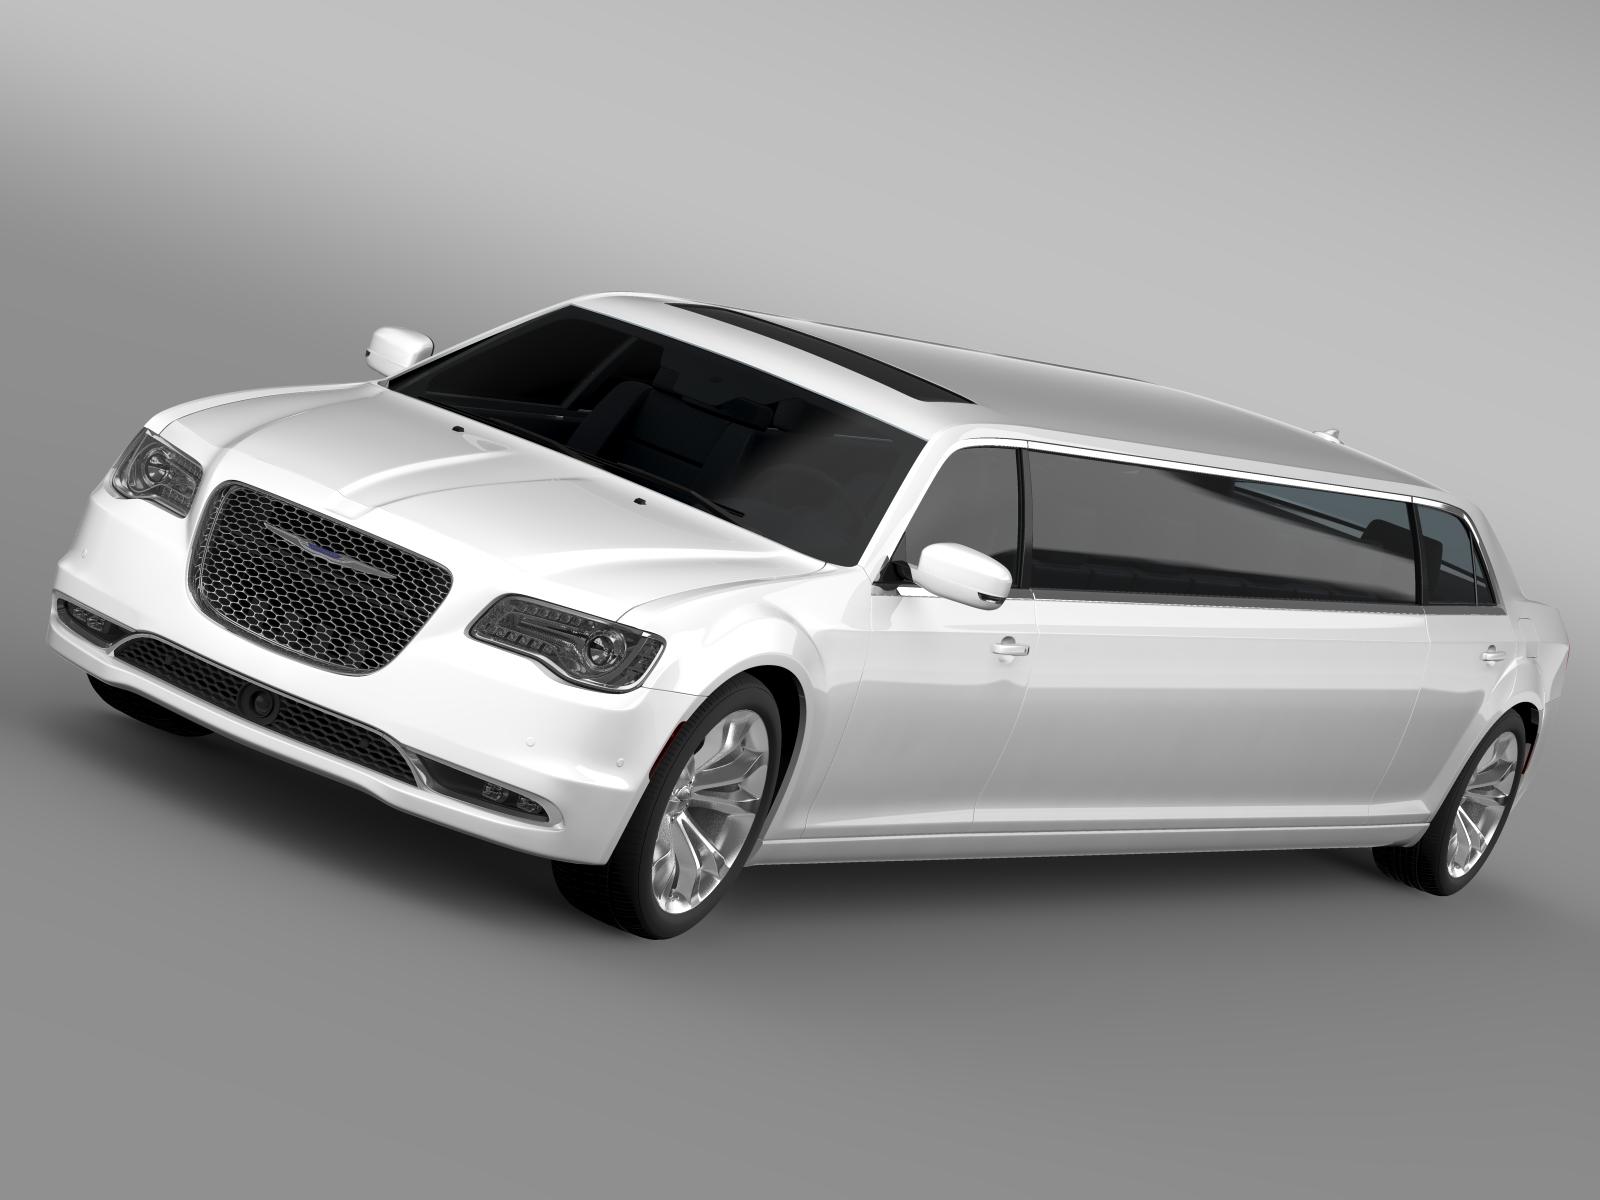 chrysler 300c platinum limousine lx2 2016 3d model 3ds max fbx c4d lwo ma mb hrc xsi obj 216046